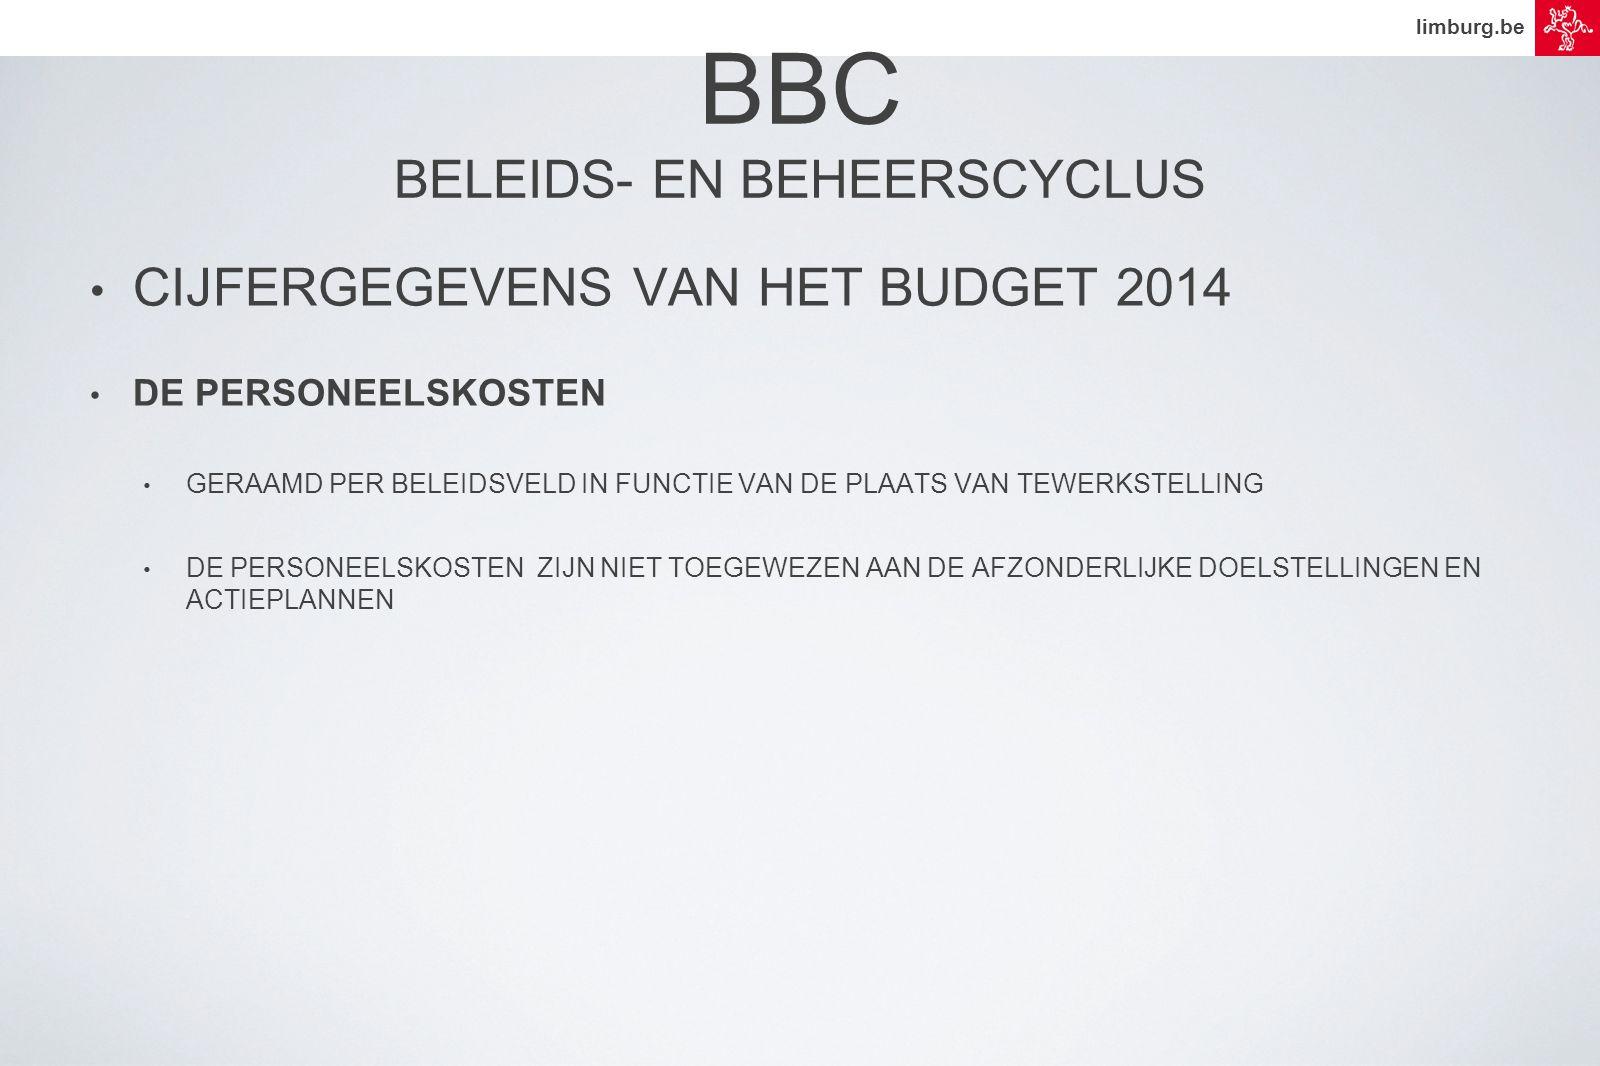 limburg.be BBC BELEIDS- EN BEHEERSCYCLUS • CIJFERGEGEVENS VAN HET BUDGET 2014 • DE PERSONEELSKOSTEN • GERAAMD PER BELEIDSVELD IN FUNCTIE VAN DE PLAATS VAN TEWERKSTELLING • DE PERSONEELSKOSTEN ZIJN NIET TOEGEWEZEN AAN DE AFZONDERLIJKE DOELSTELLINGEN EN ACTIEPLANNEN